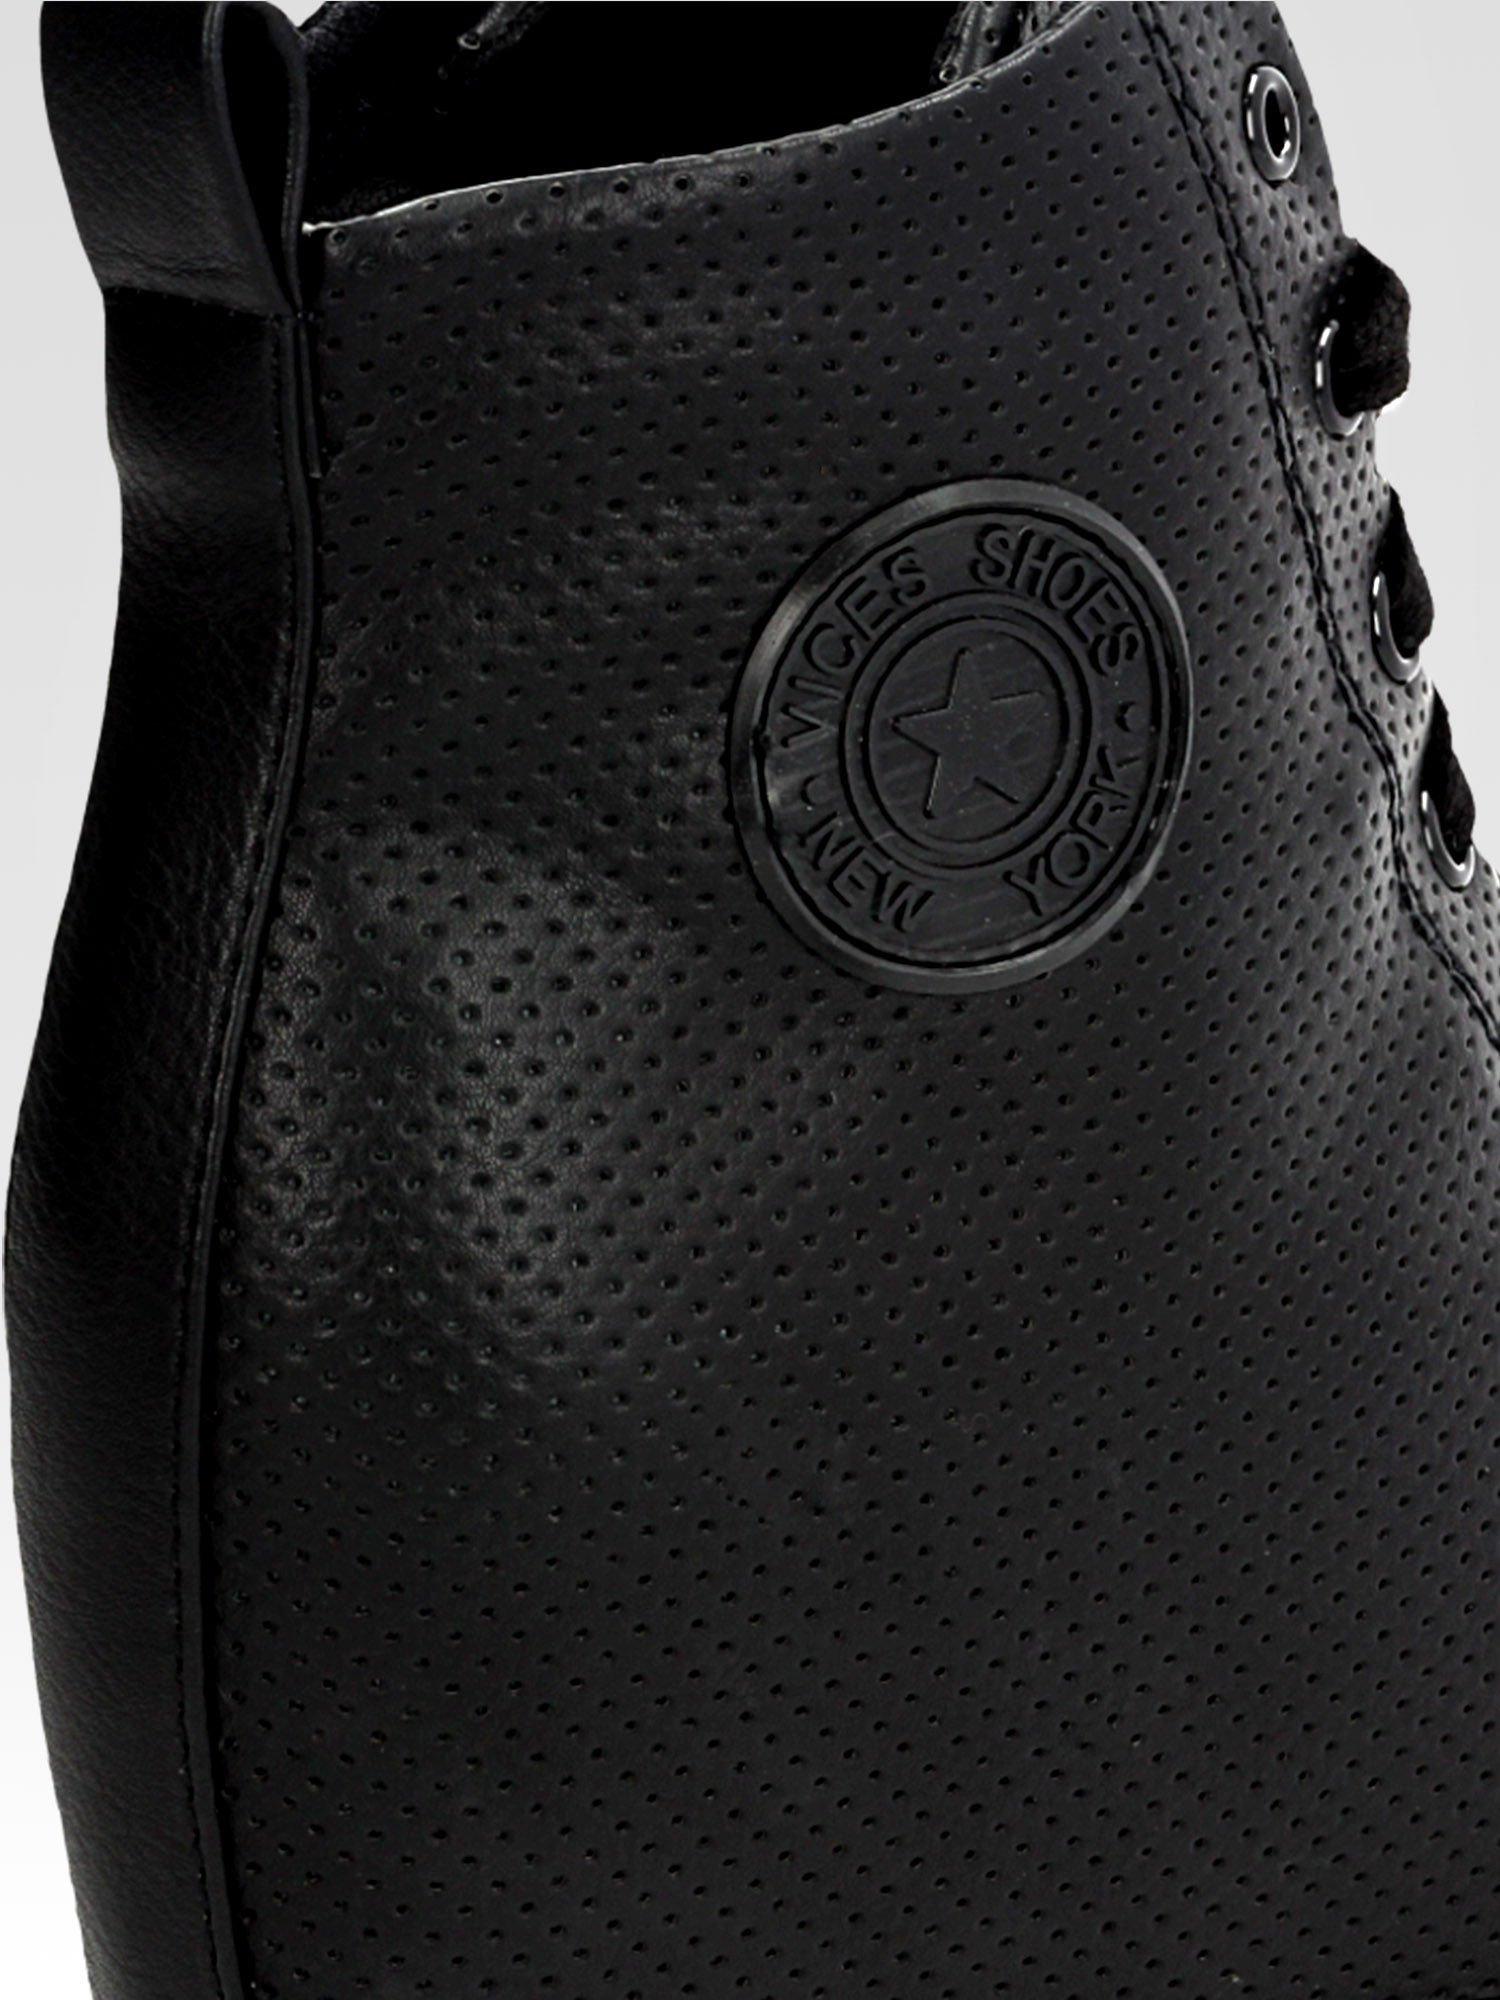 Czarne skórzane trampki na koturnie sneakersy z dziurkowanej cholewki                                  zdj.                                  6